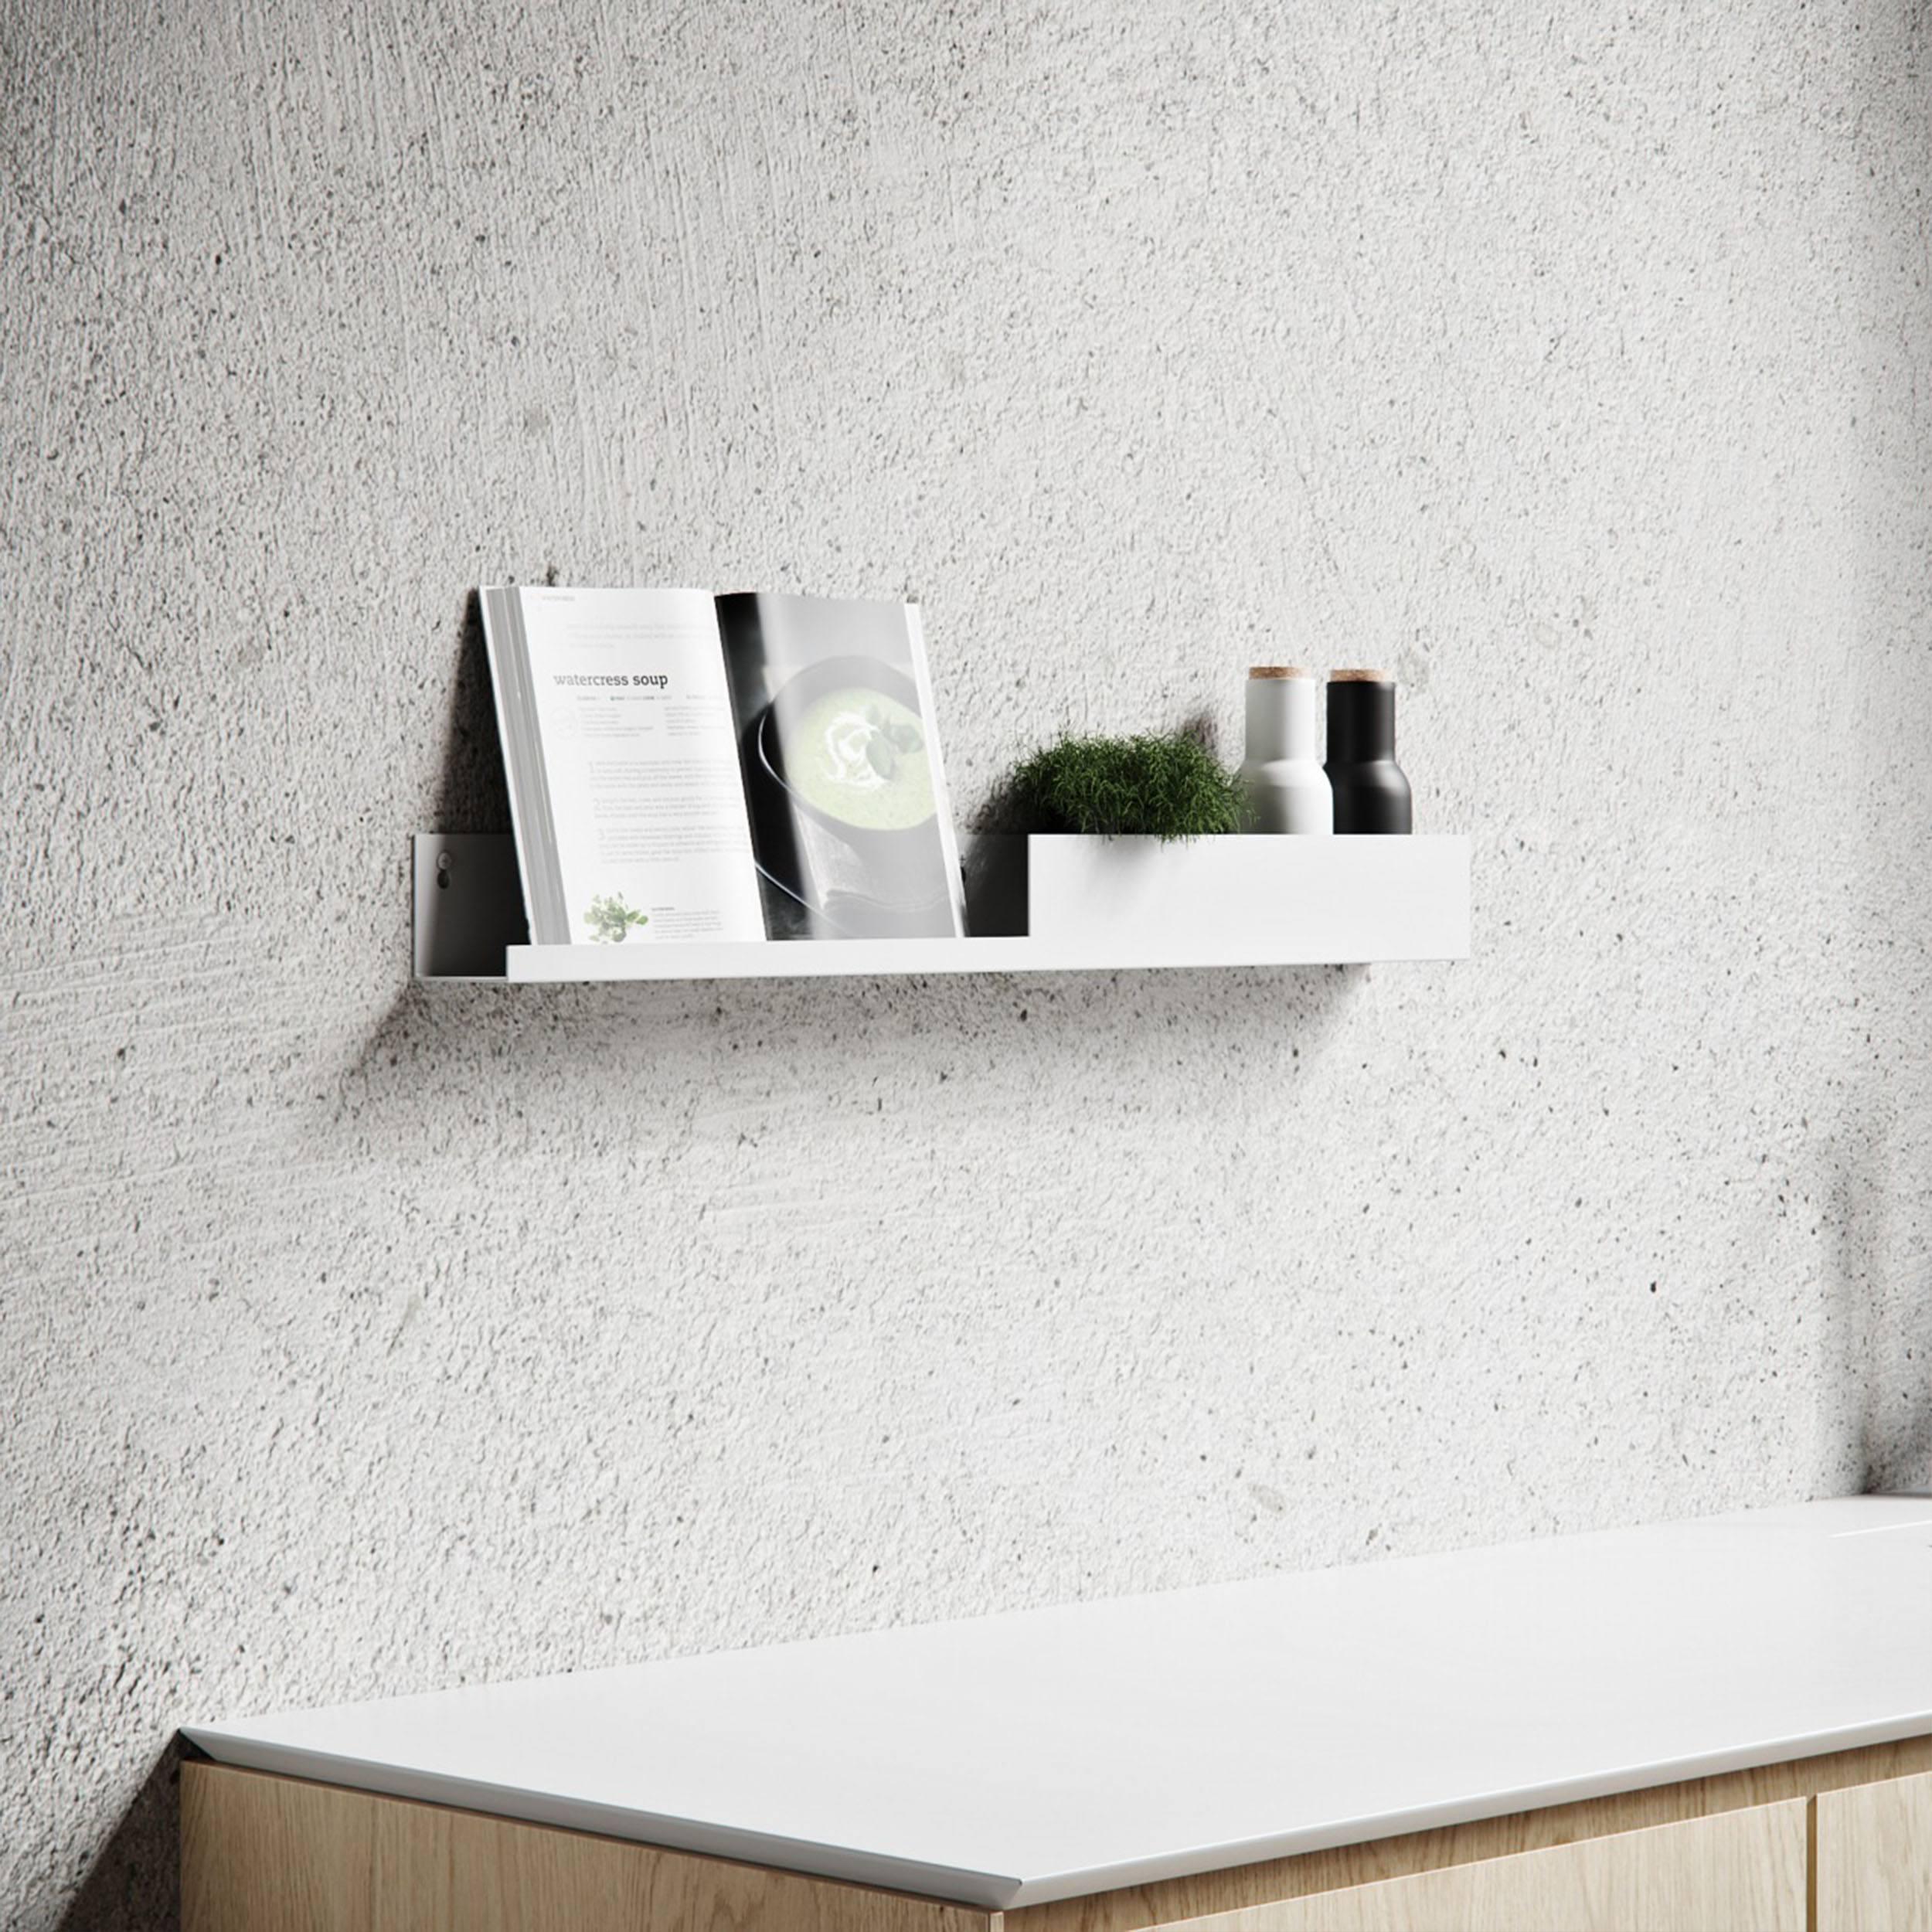 Shelf U40 Wandregal